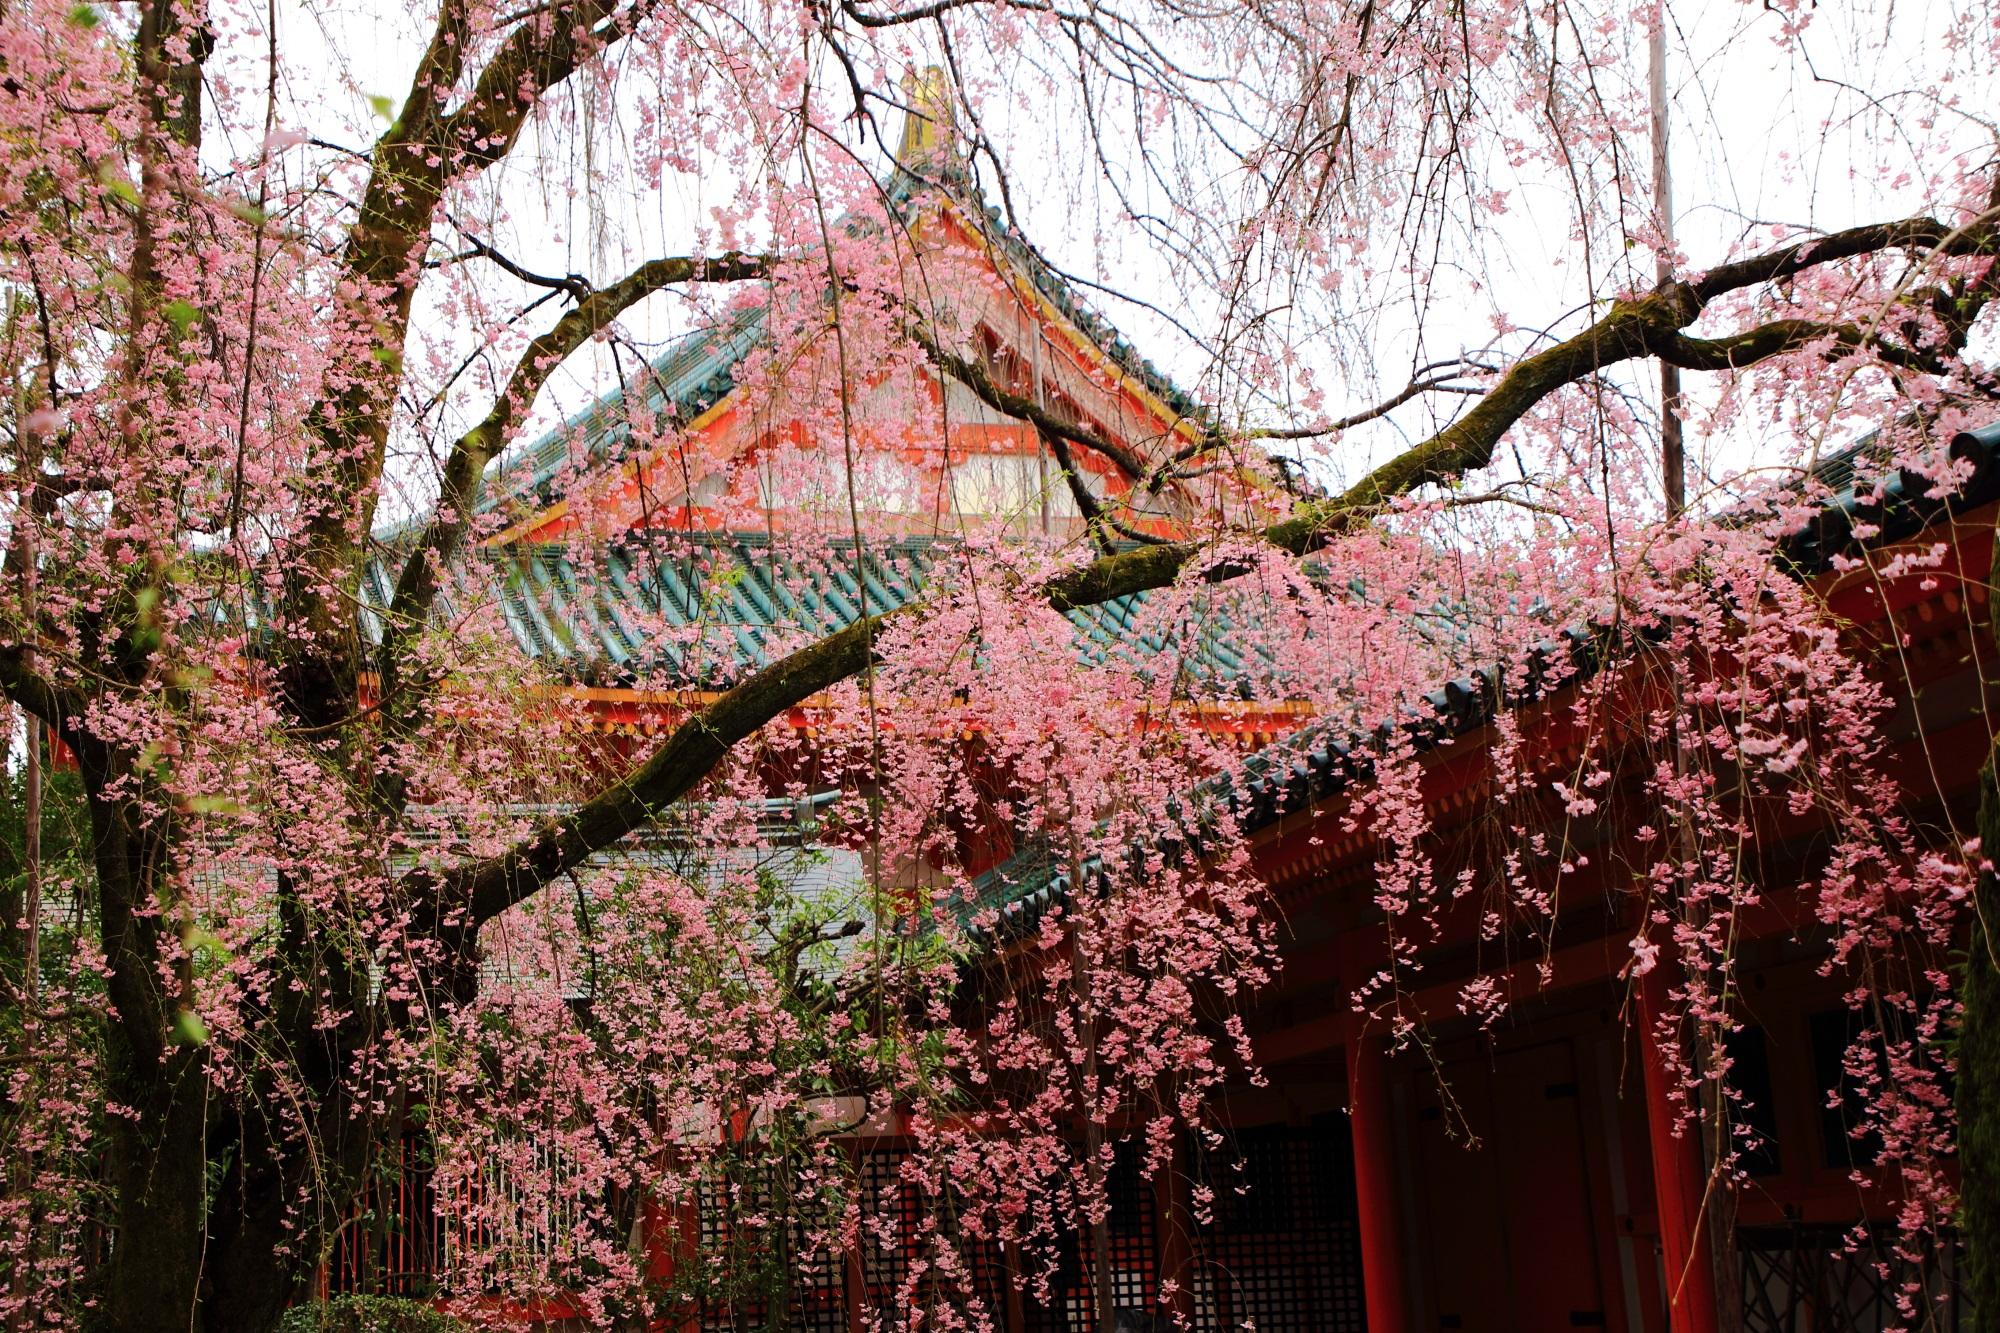 鮮やかな色合いの社殿を染めるピンクのしだれ桜